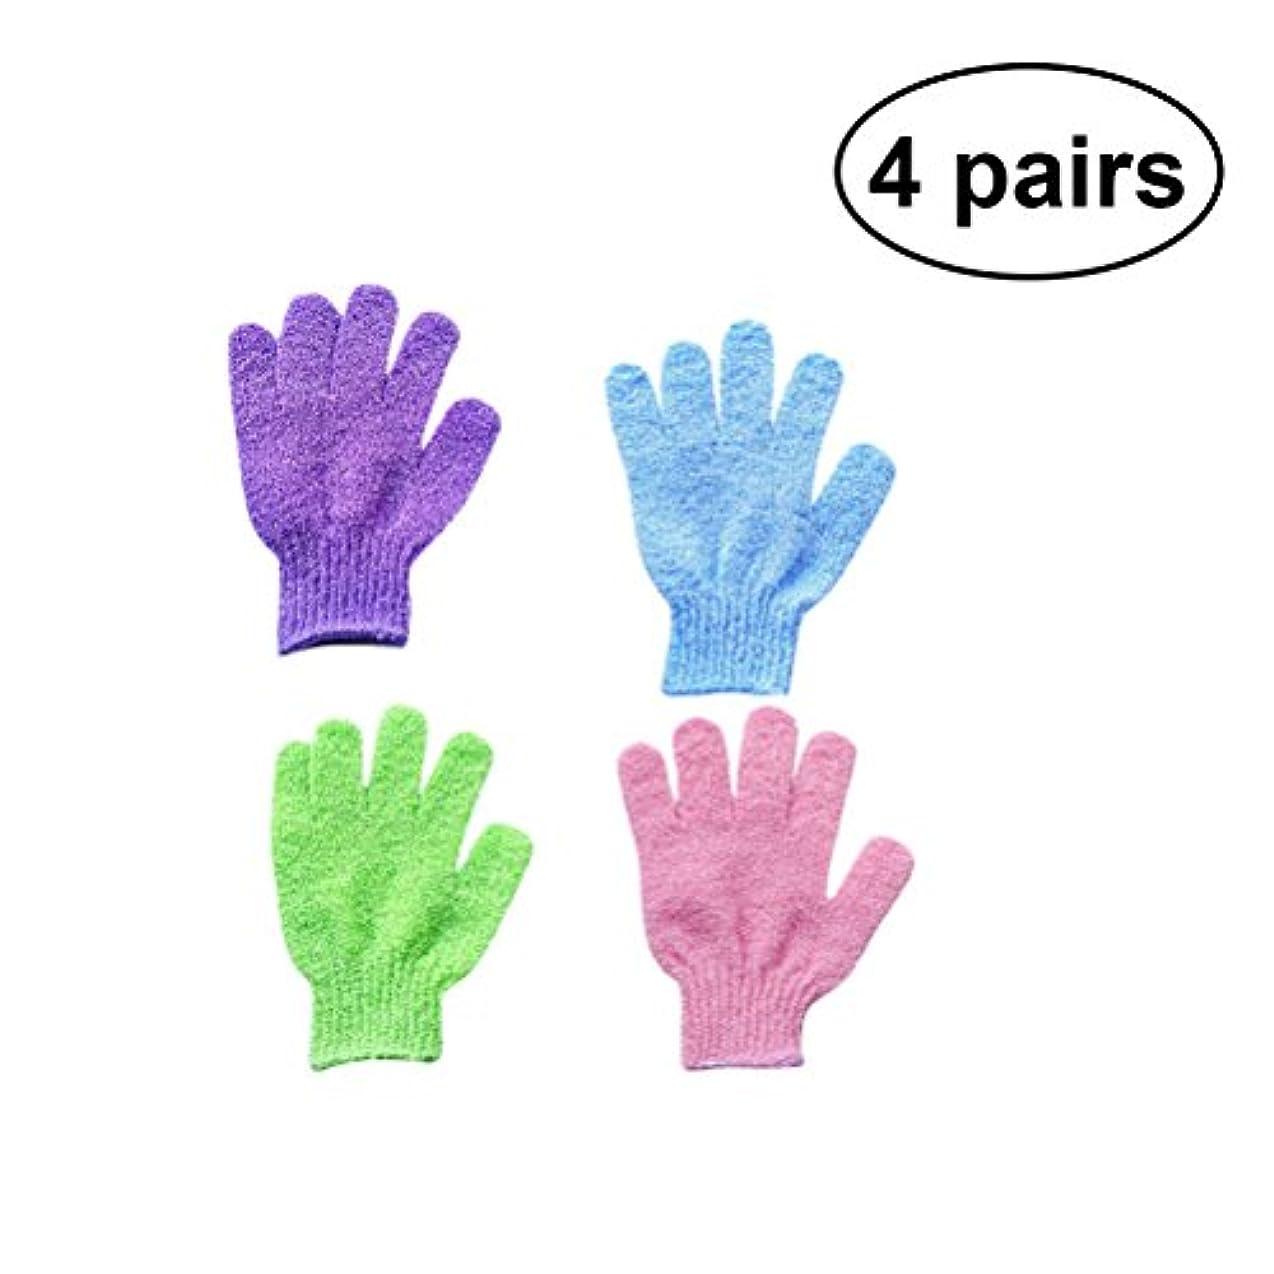 ゲージローストスロットHealifty 4 Pairs Exfoliating Bath Gloves Shower Mitts Exfoliating Body Spa Massage Dead Skin Cell Remover